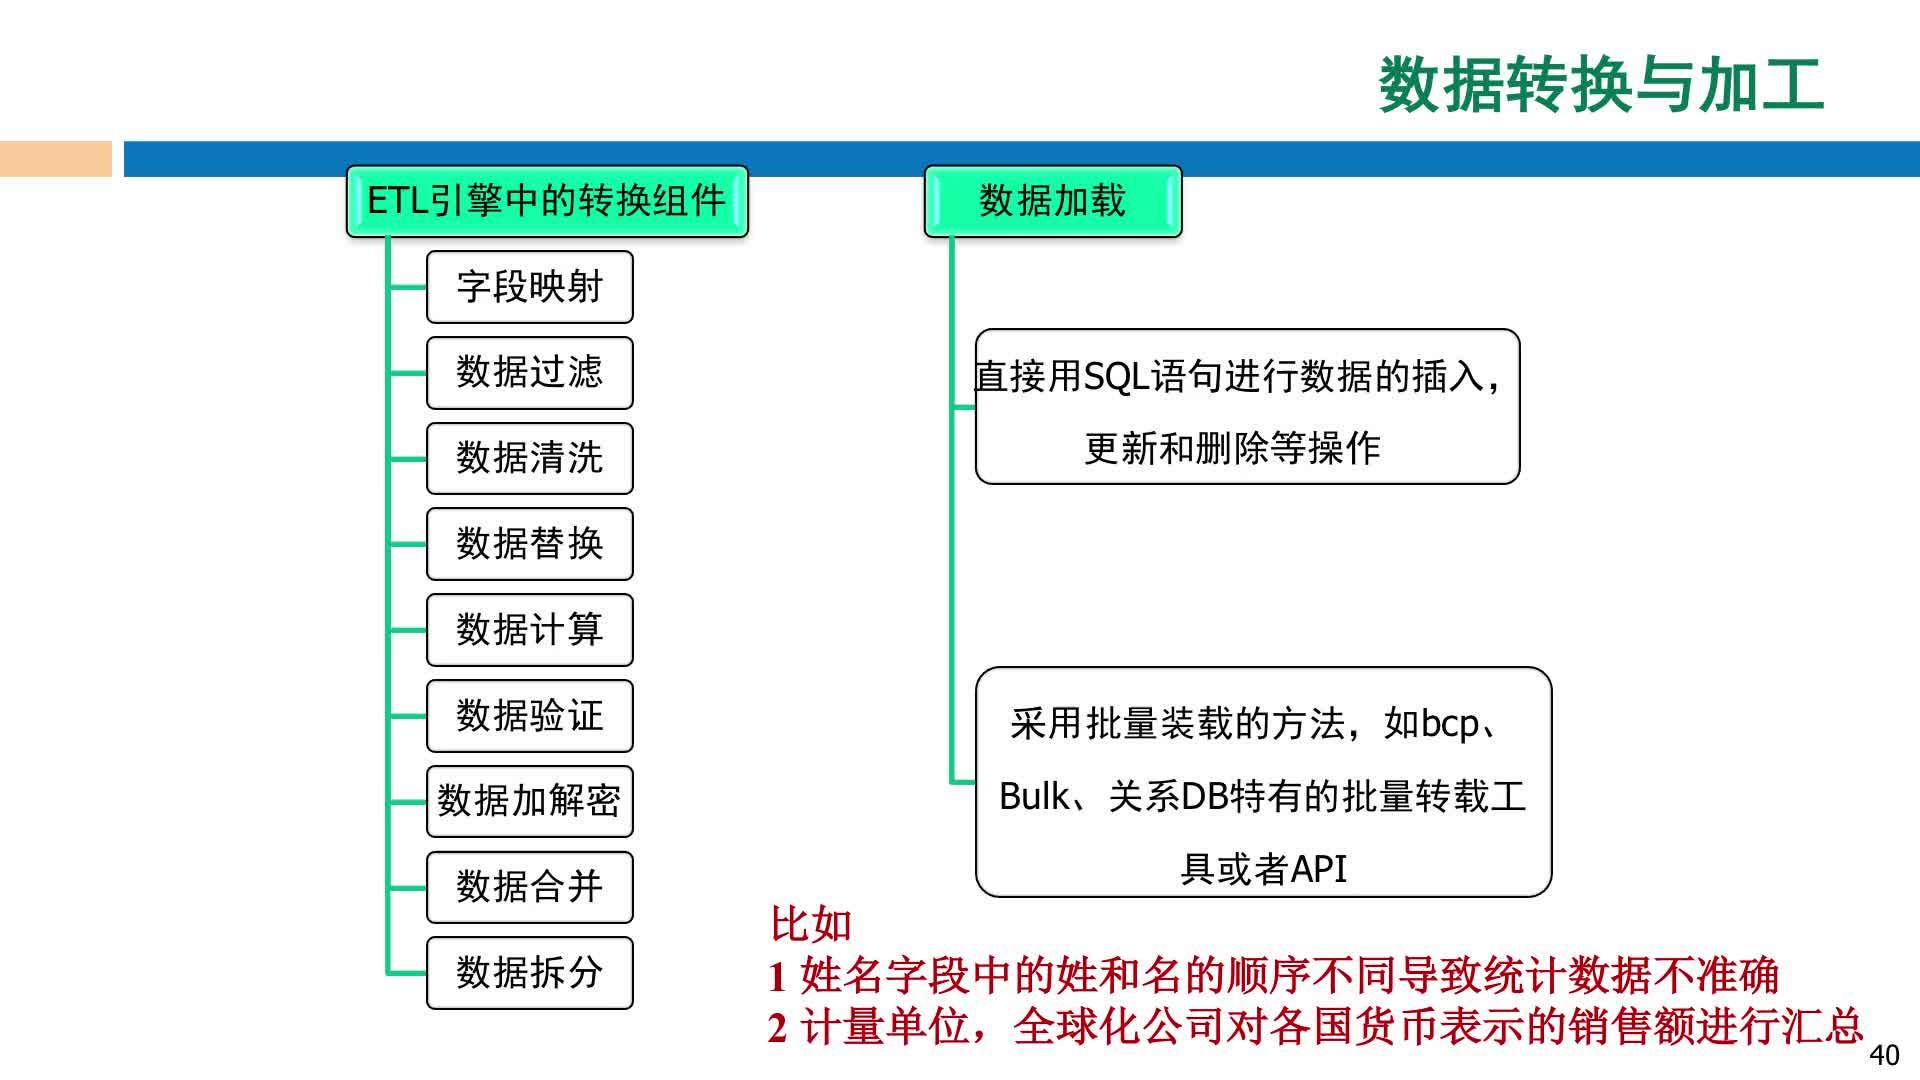 北京理工大学慕课——车海莺:内部数据及获取方法(二)